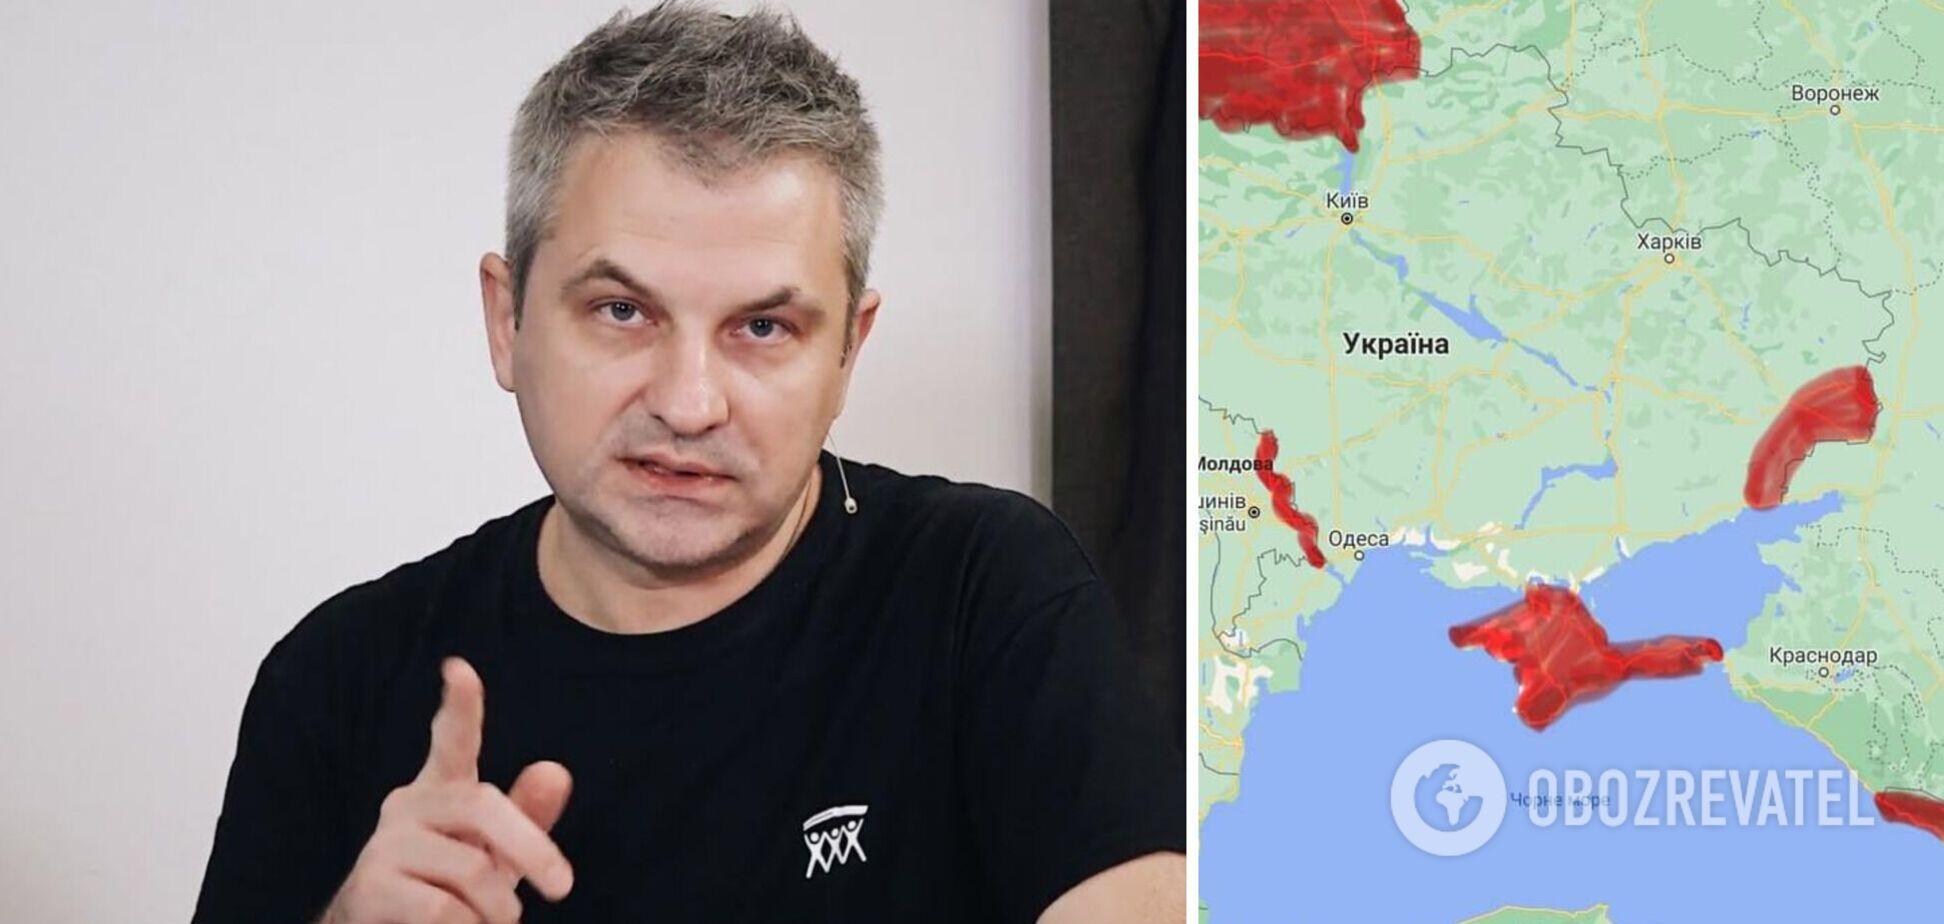 Журналіст показав карту з окупованими РФ територіями: Україна оточена по периметру